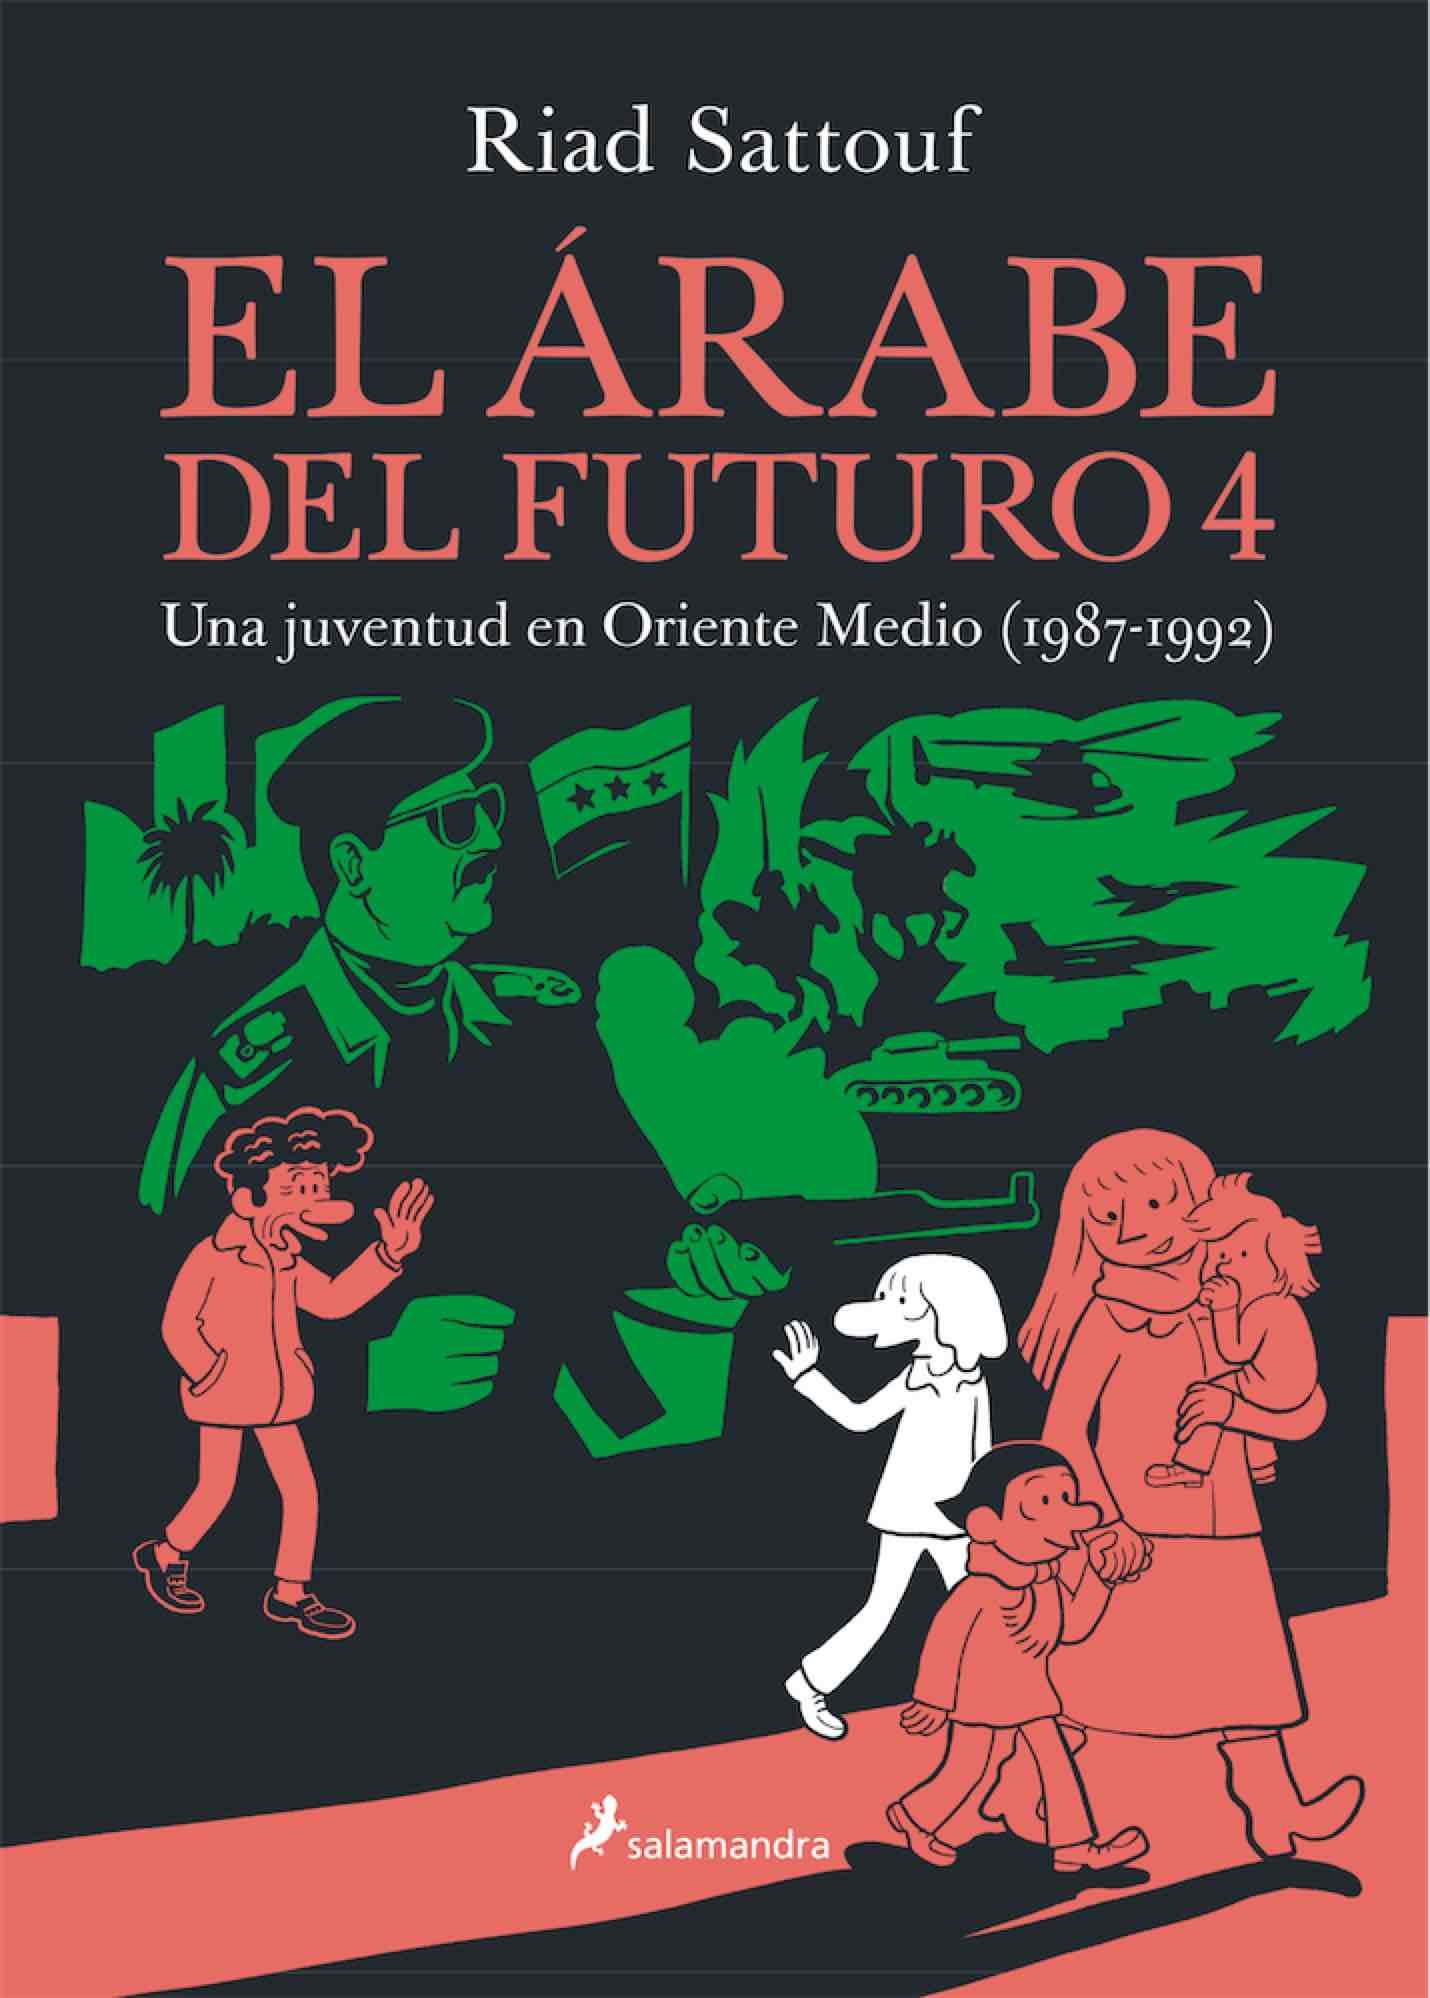 EL ARABE DEL FUTURO VOL. 4